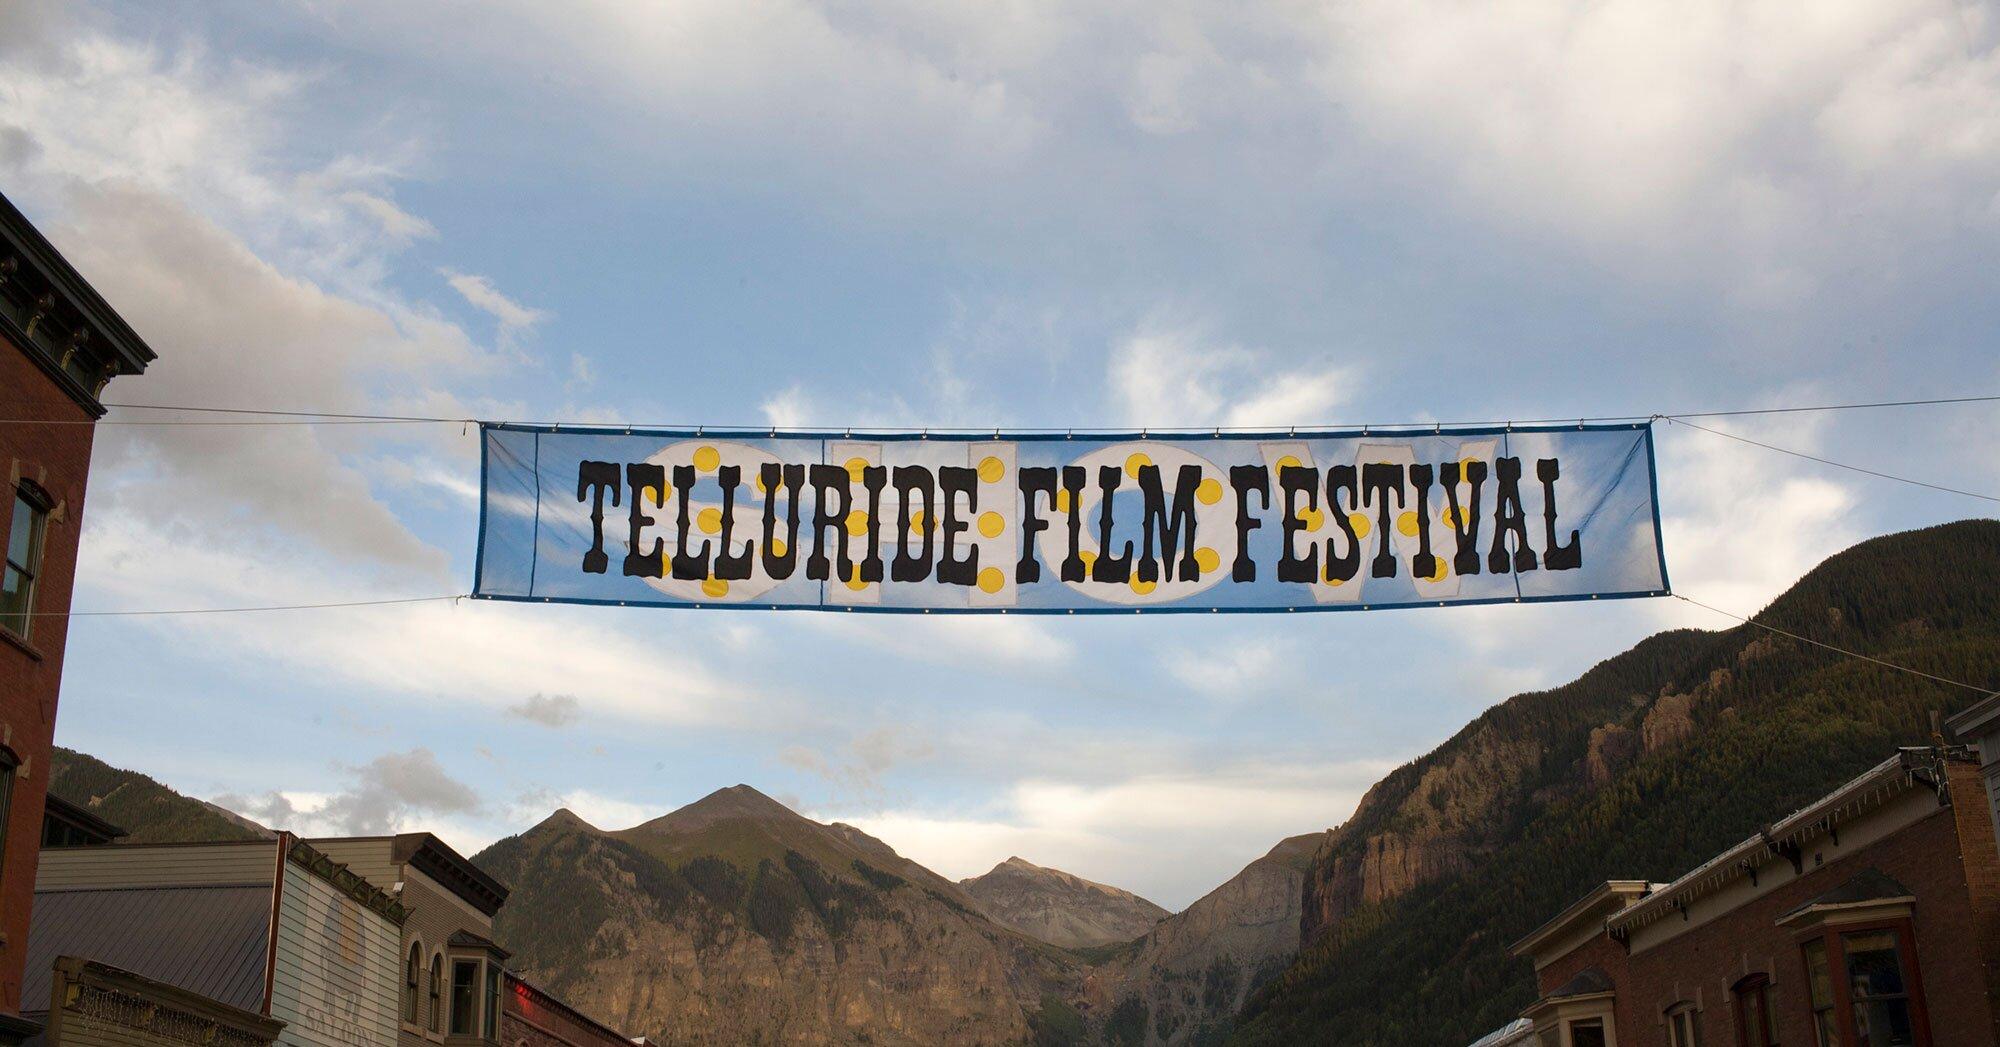 Telluride Film Festival cancels 2020 event over coronavirus concerns